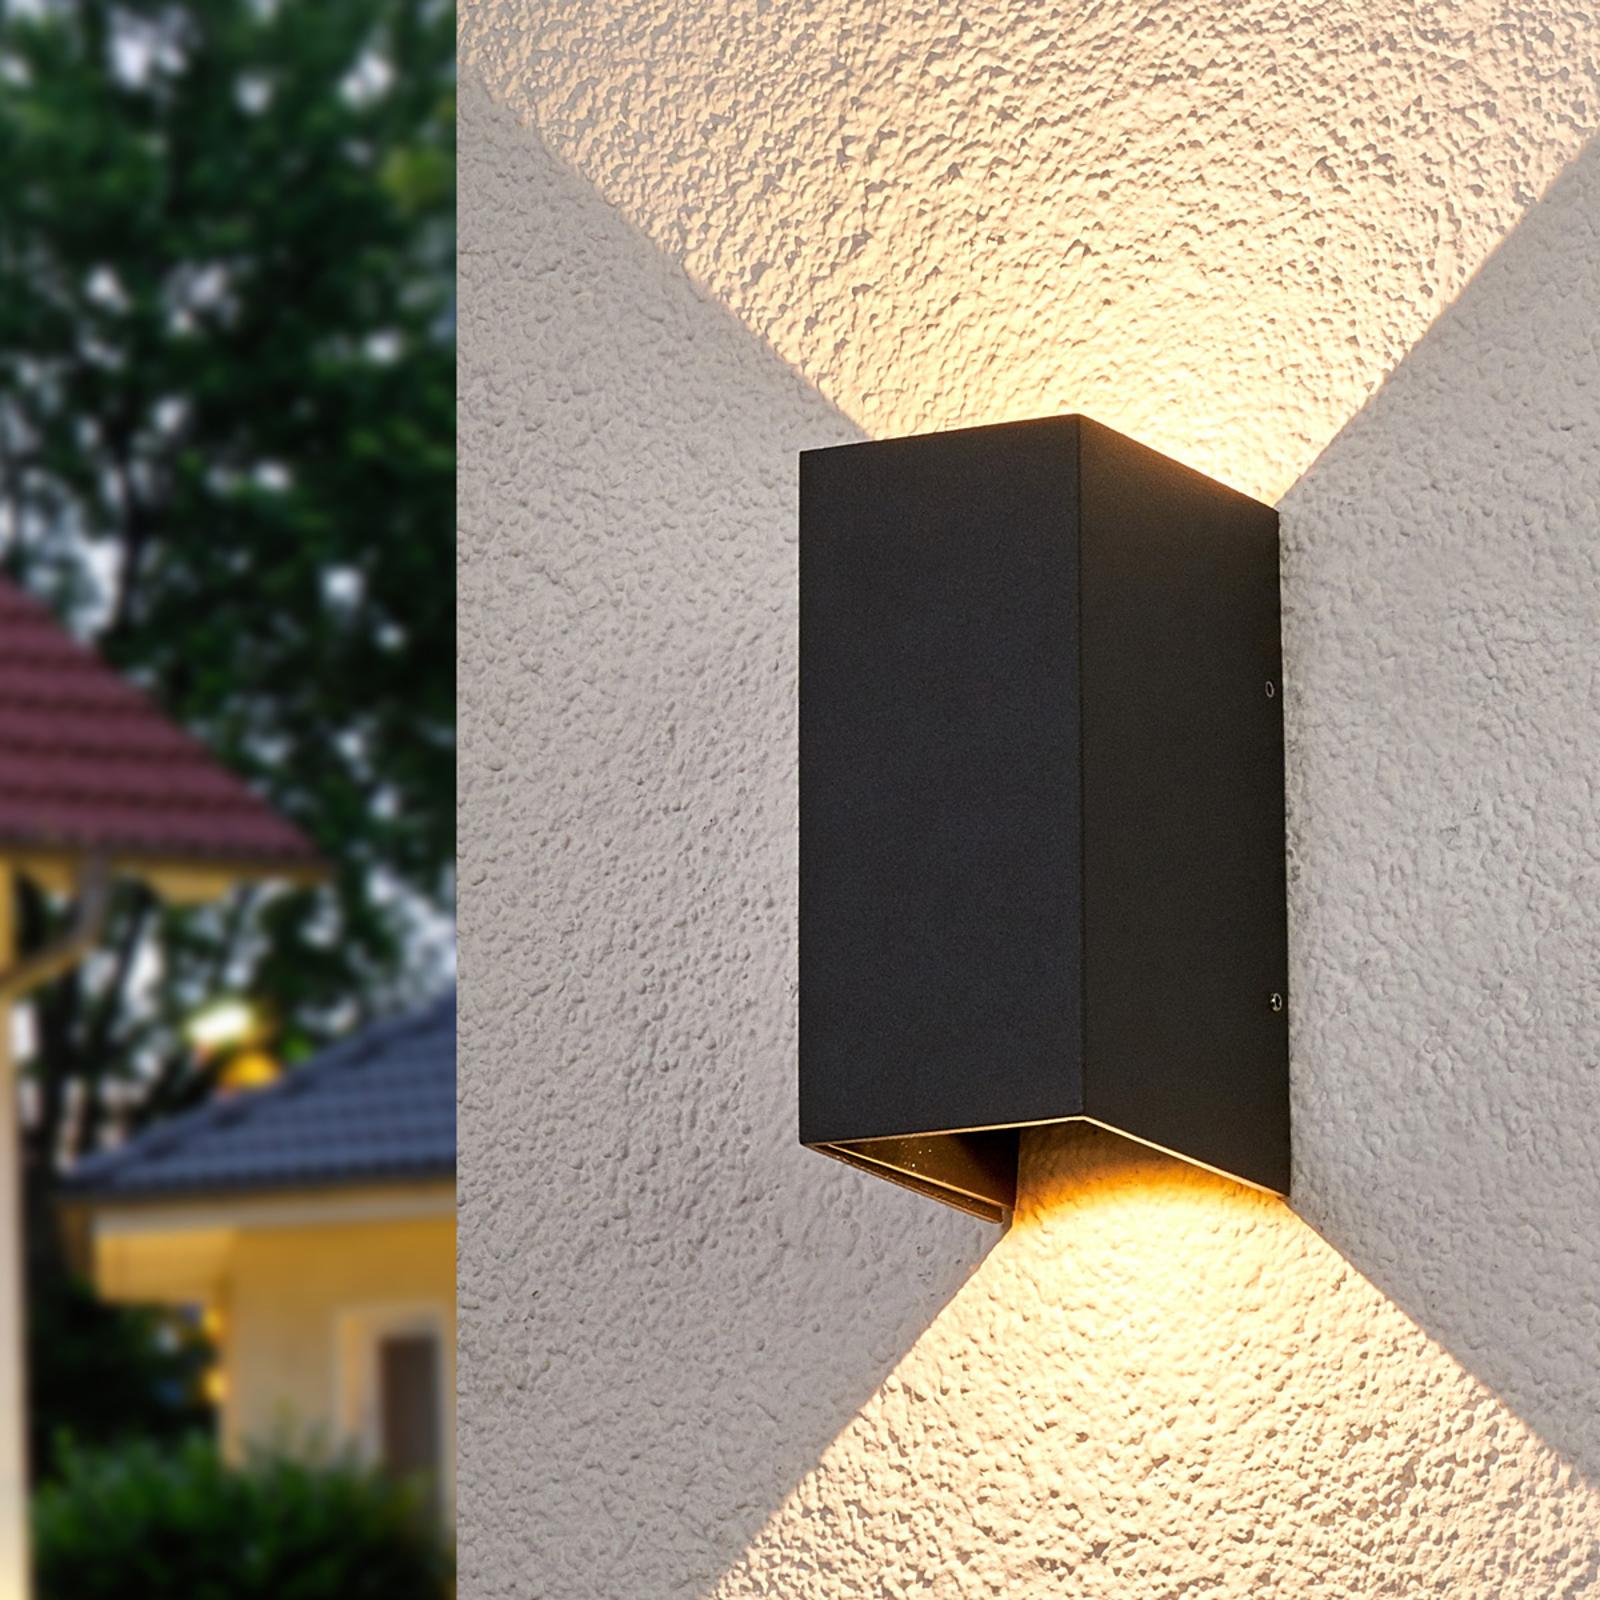 Lampada parete LED Kimian illuminazione doppia